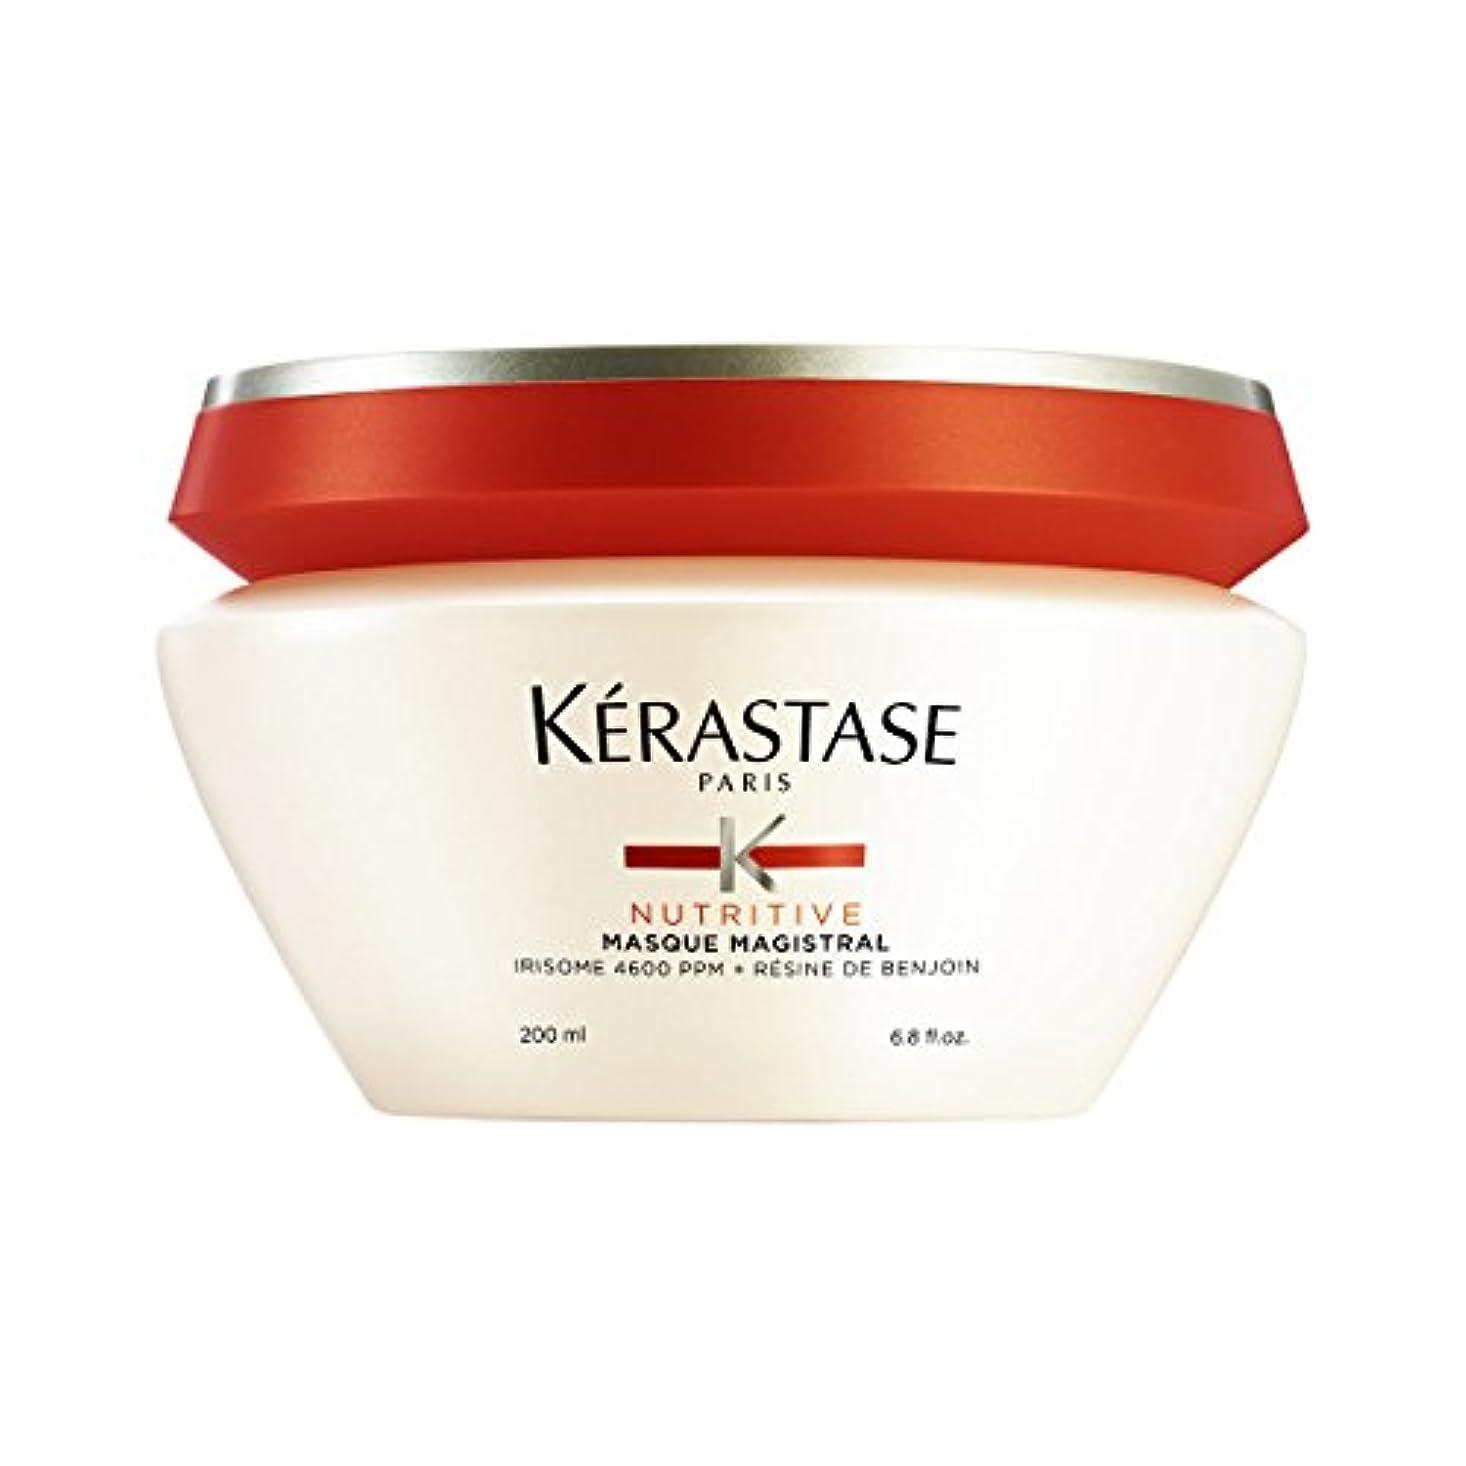 アクロバット語ストリップK駻astase Nutritive Masque Magistral Hair Mask 200ml [並行輸入品]